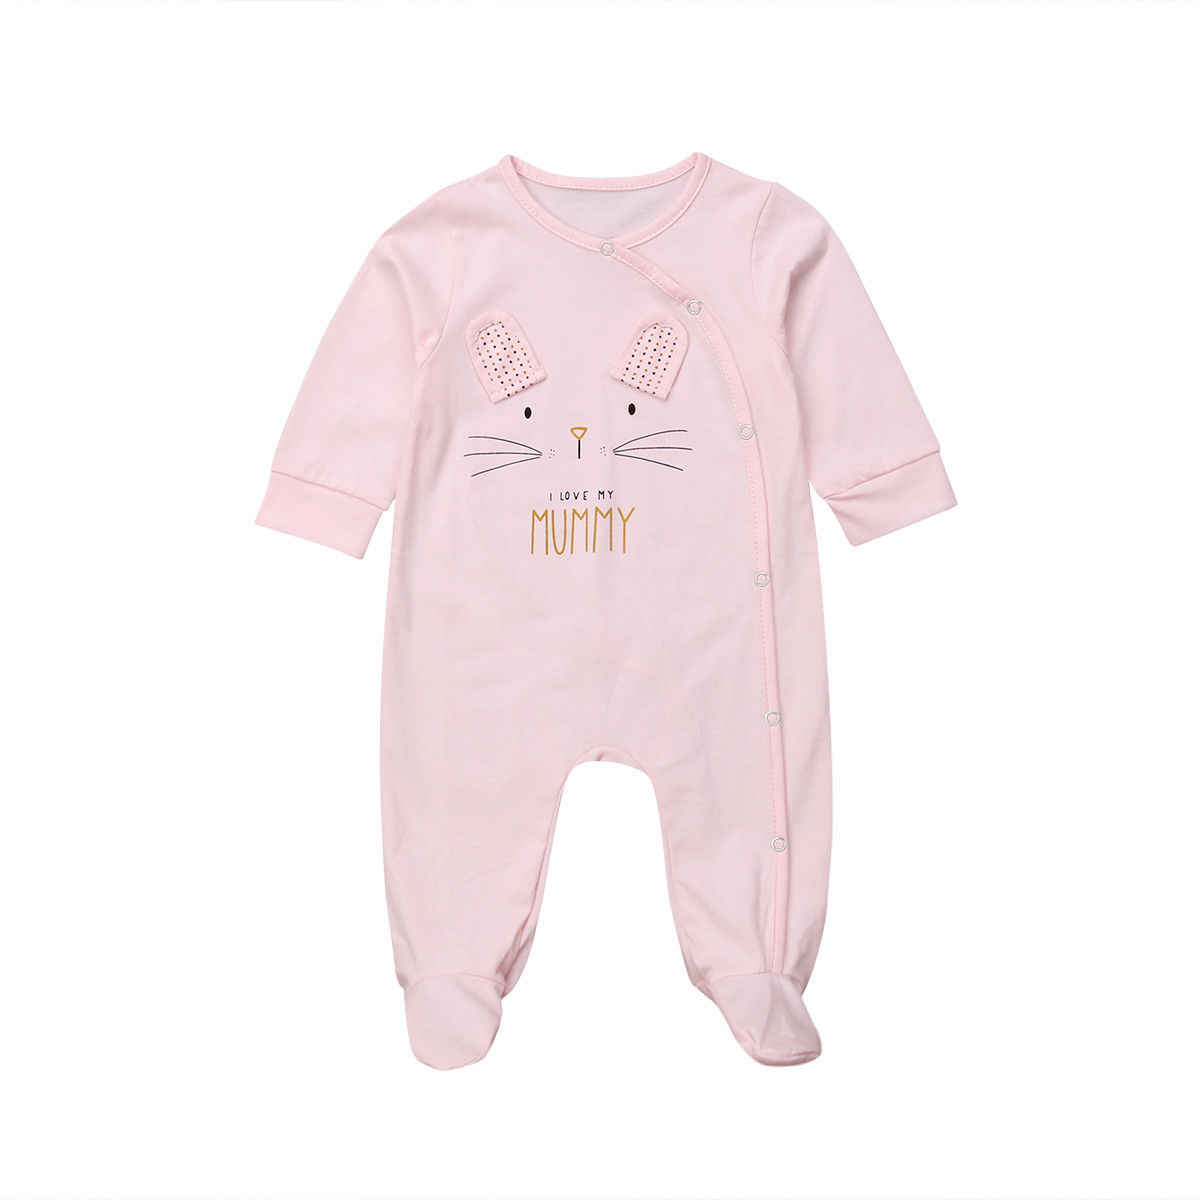 유아 만화 곰 아기 옷 소녀 및 소년 긴 소매 아빠 엄마 아기 rompers babygrow sleepsuits 아기 romper 0-18 개월